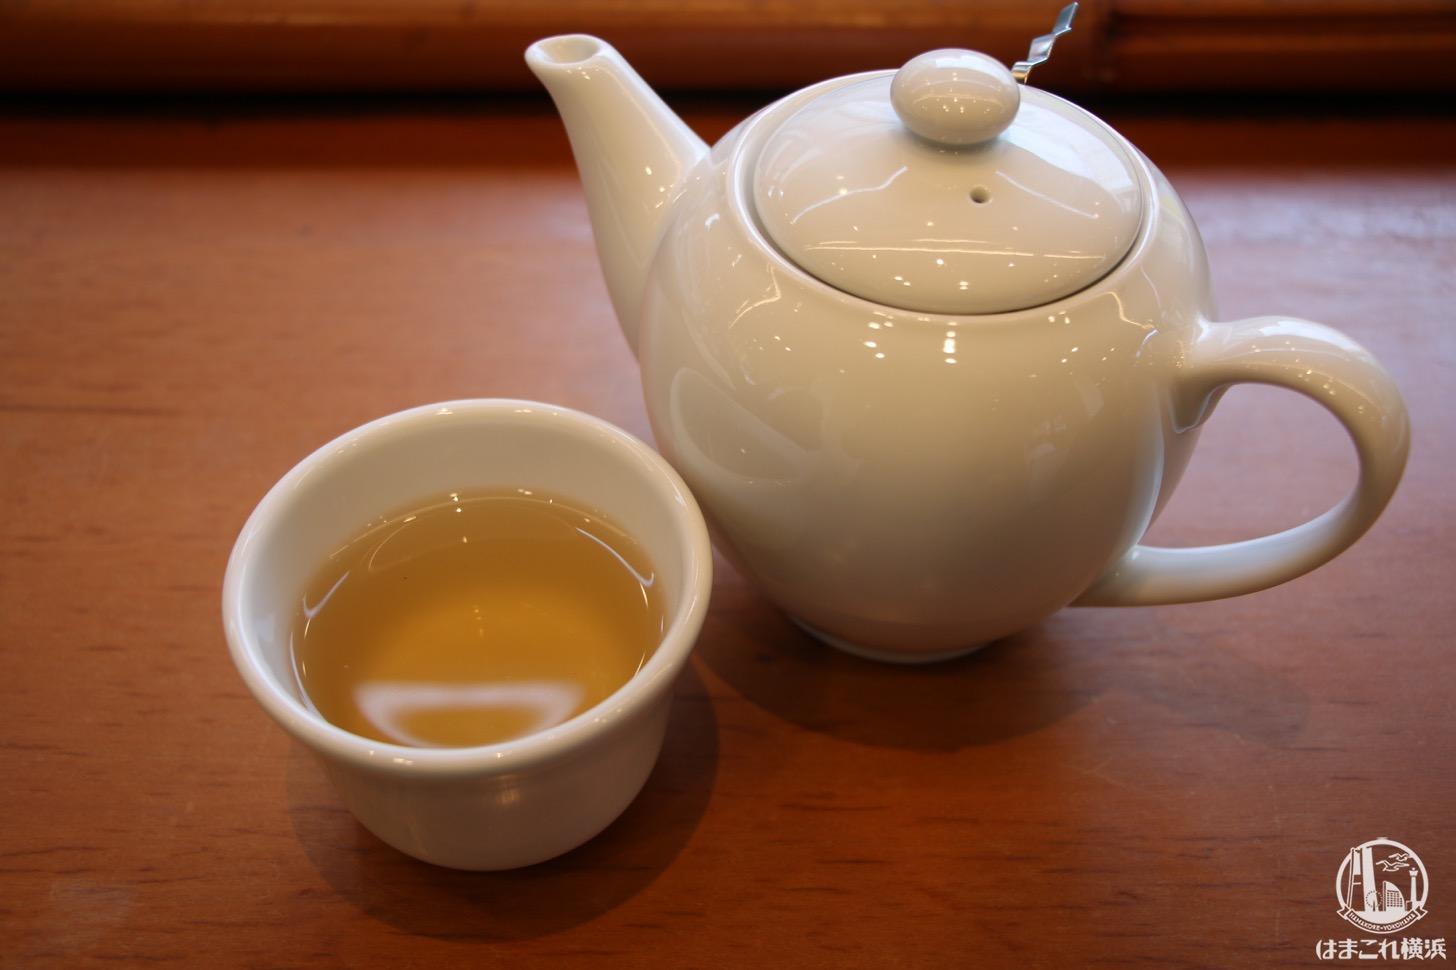 聘珍茶寮 SARIO 中華街 鉄観音茶 320円